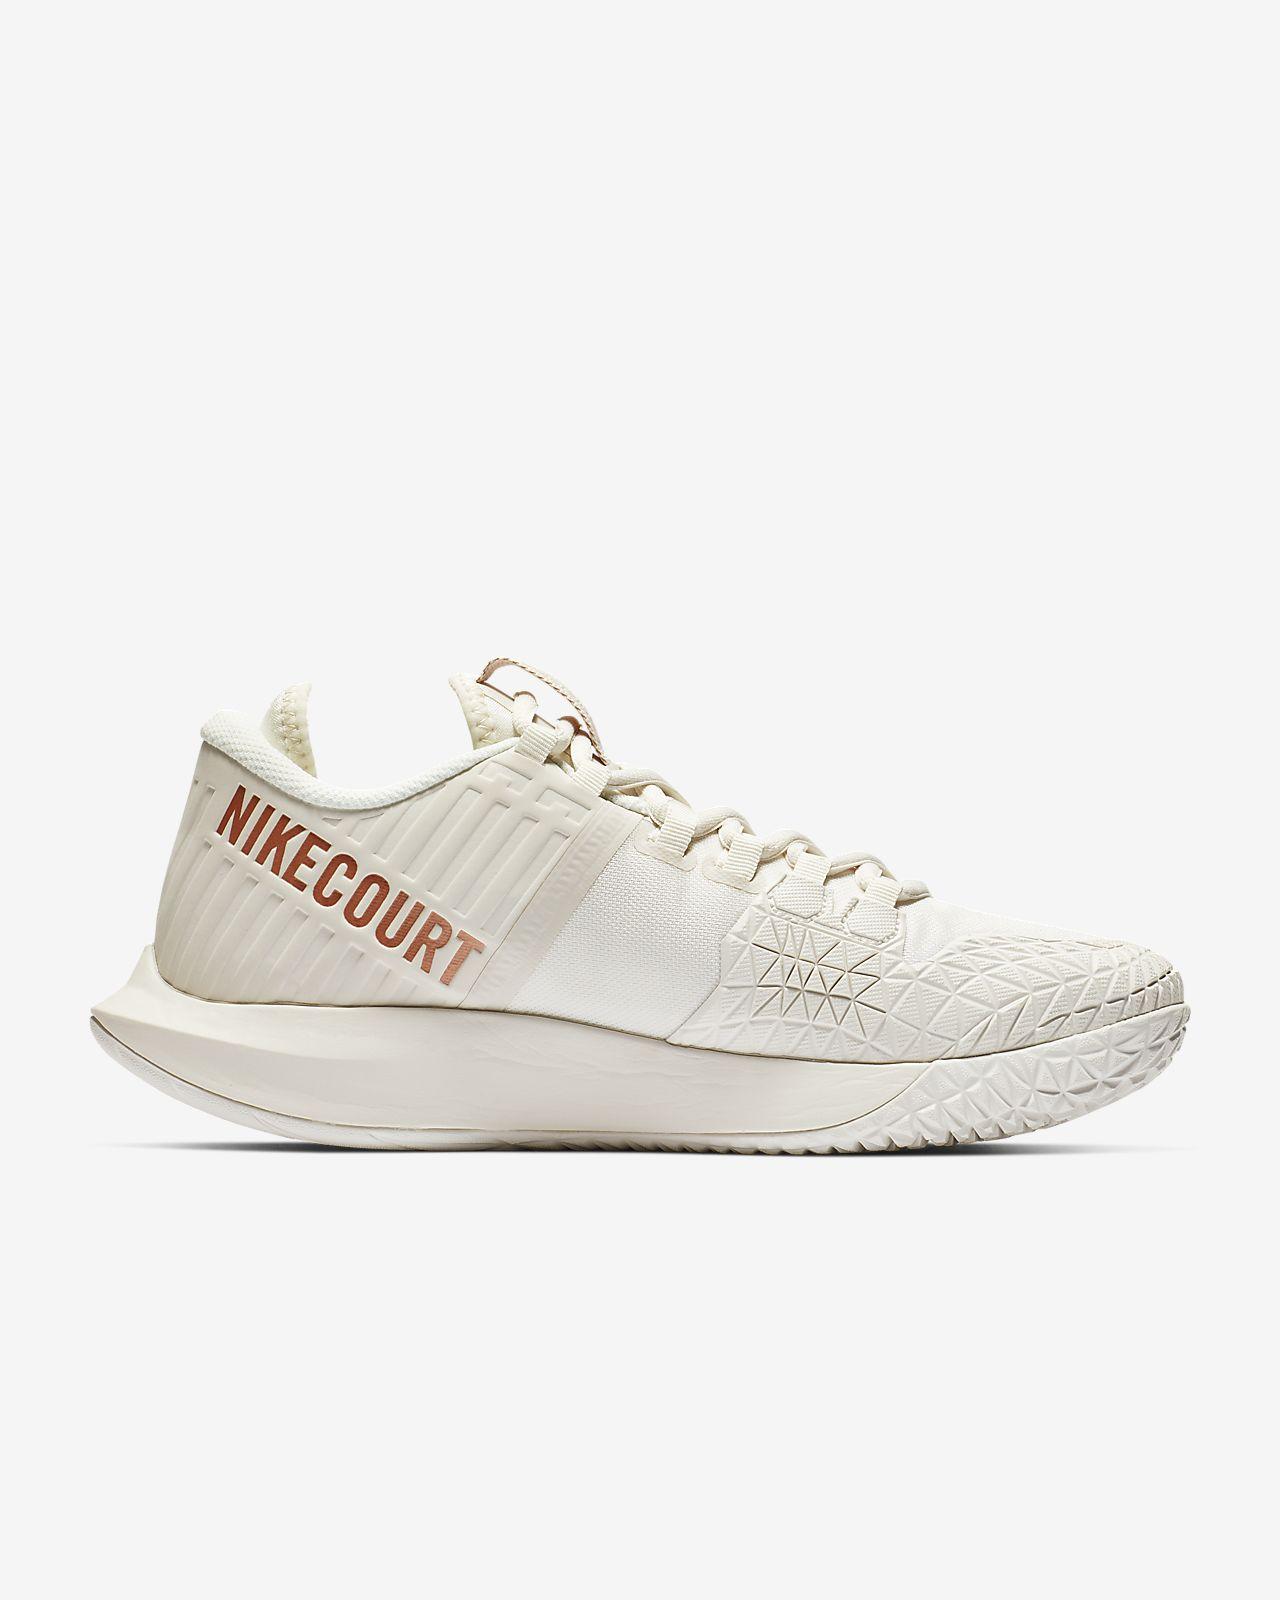 1b00f6c4c6 NikeCourt Air Zoom Zero Women's Tennis Shoe. Nike.com